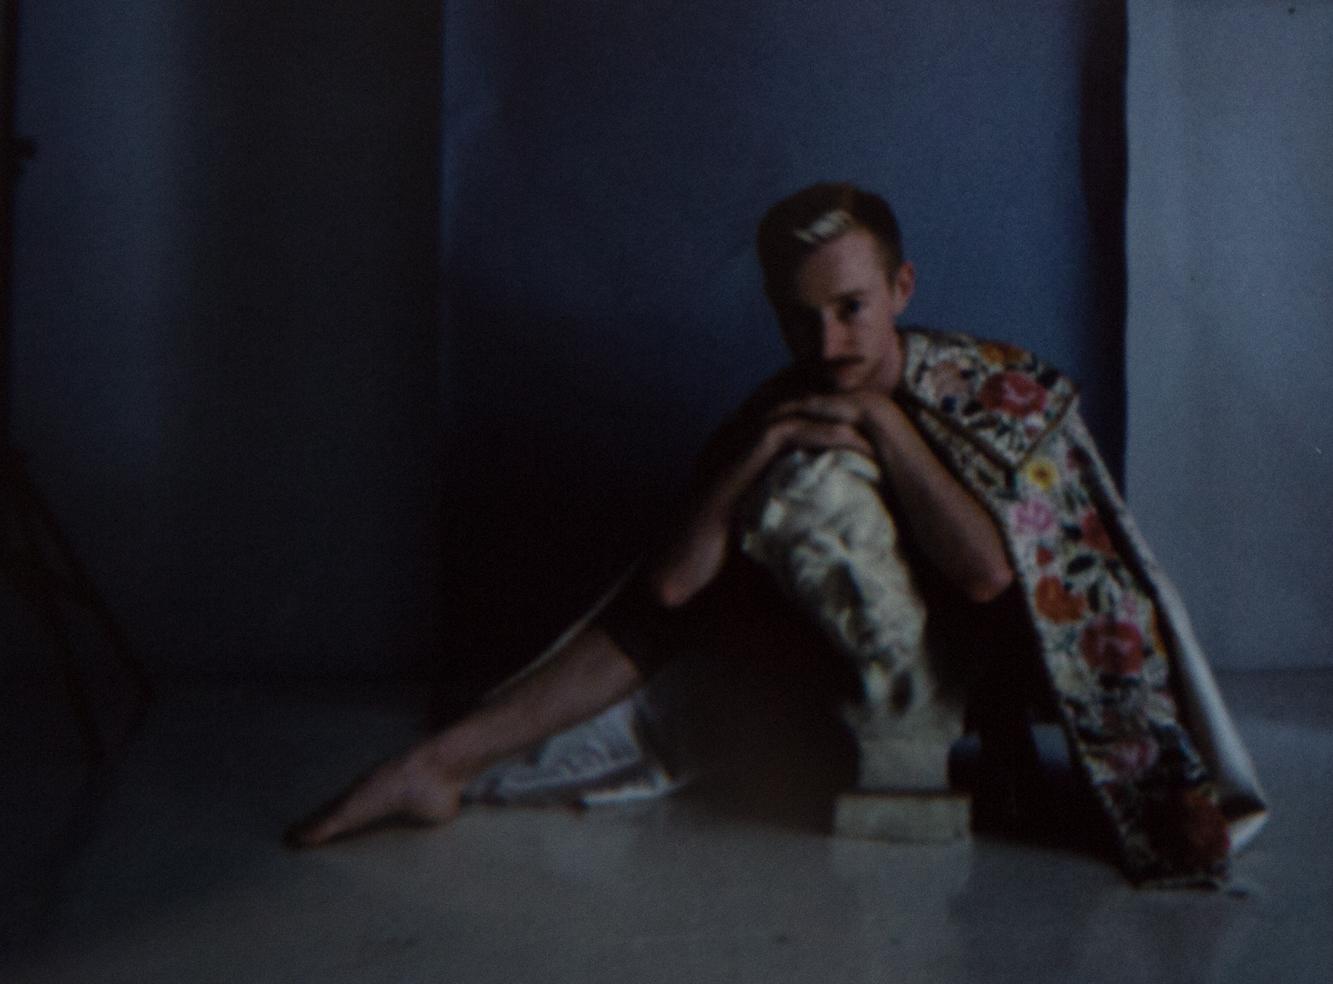 181128_portrait_Ben_a3-15.jpg